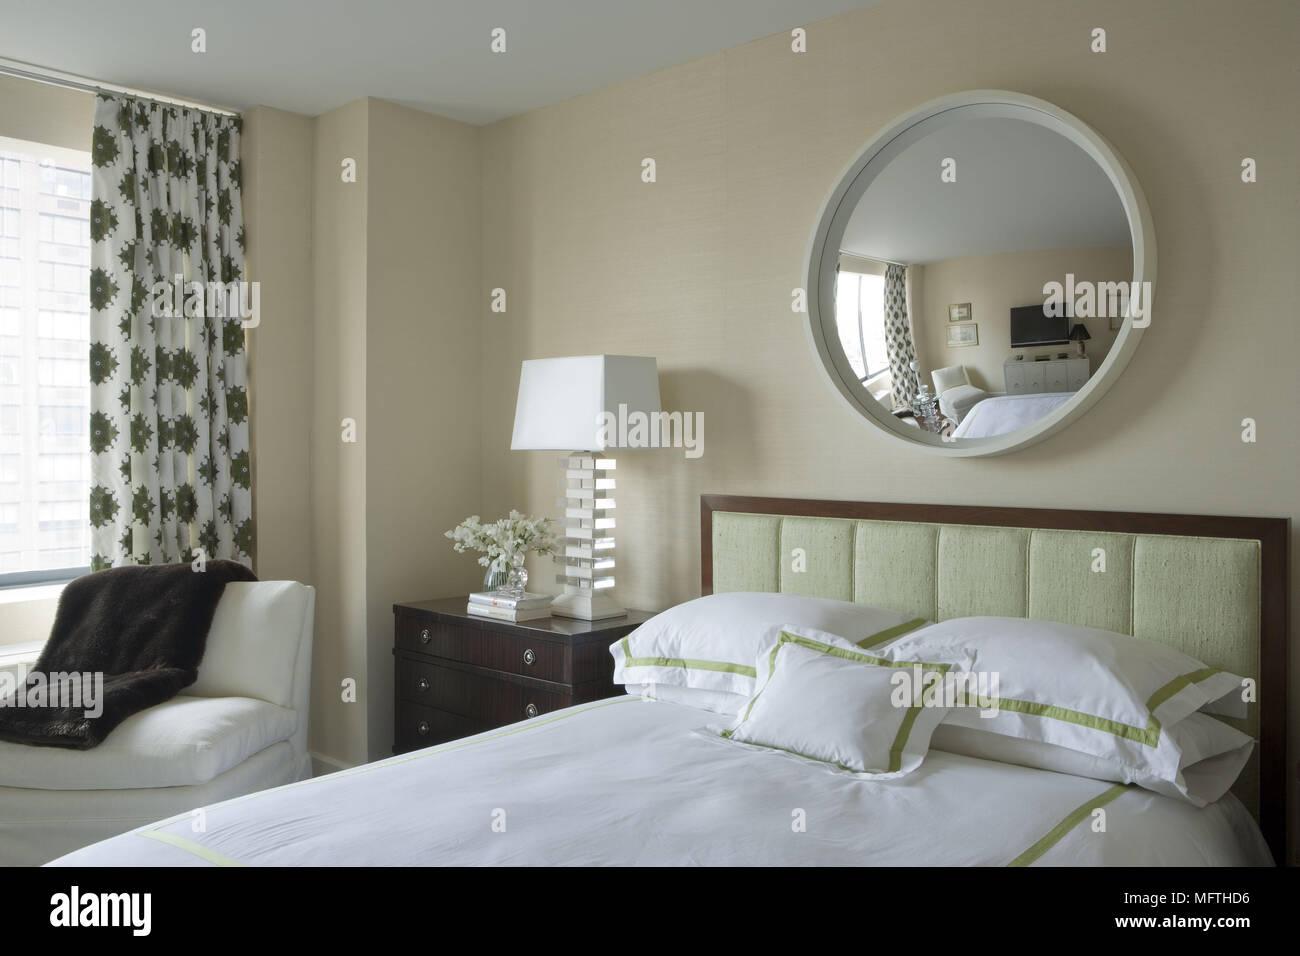 Miroir rond au-dessus de lit double dans la chambre à ...